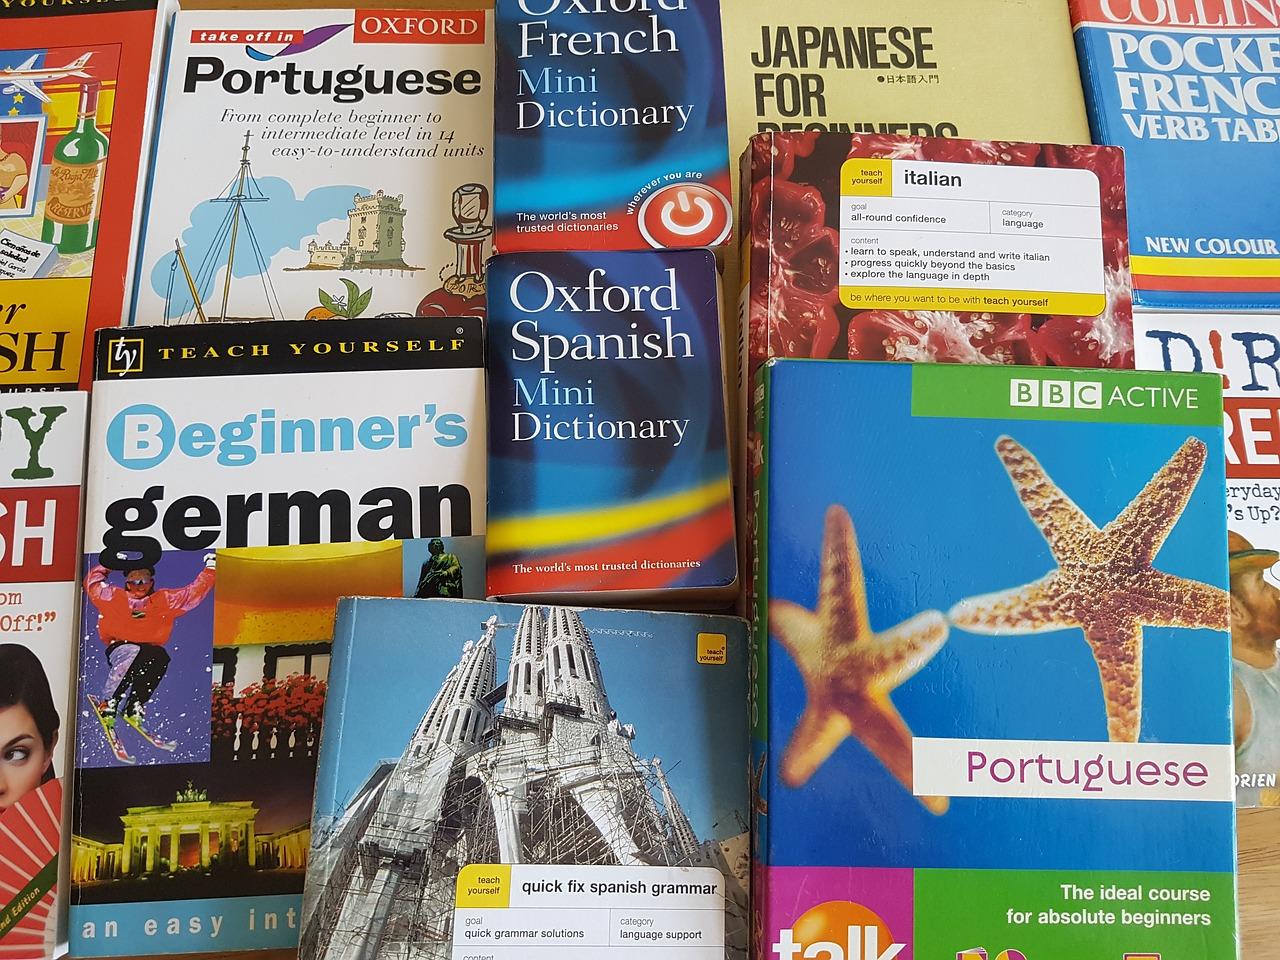 Pourquoi apprendre l'anglais ?